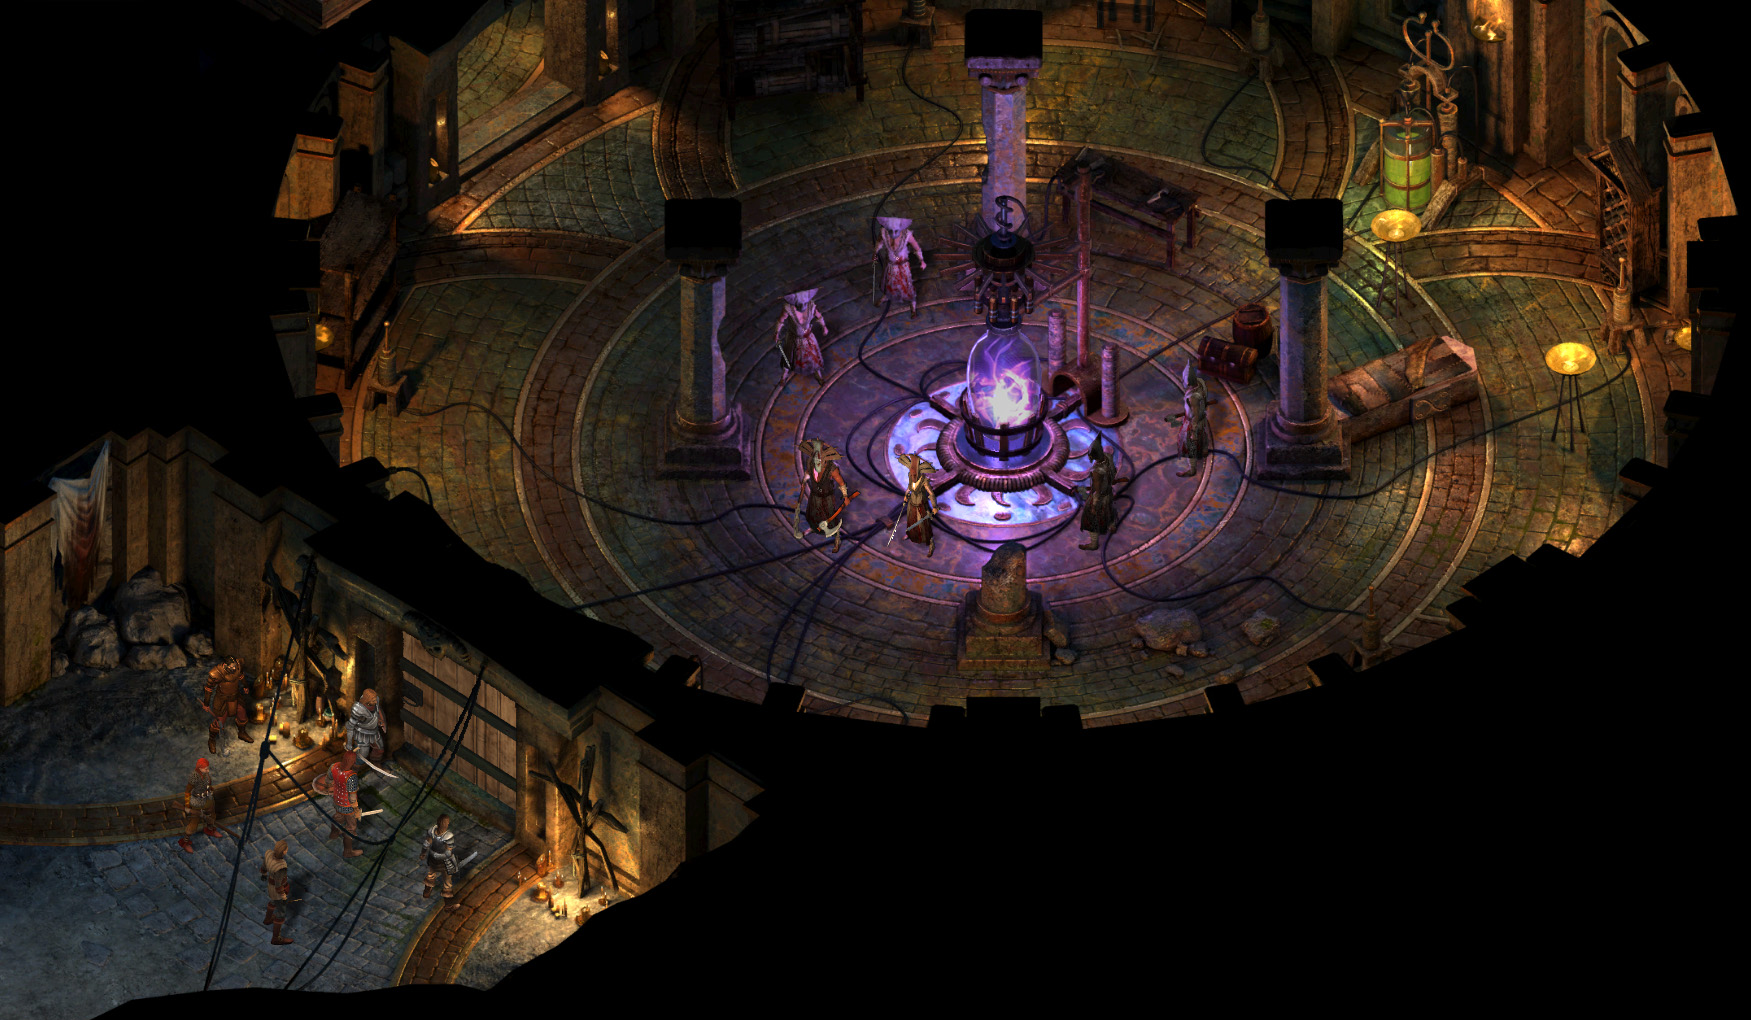 project eternity immagine di gioco comparativa